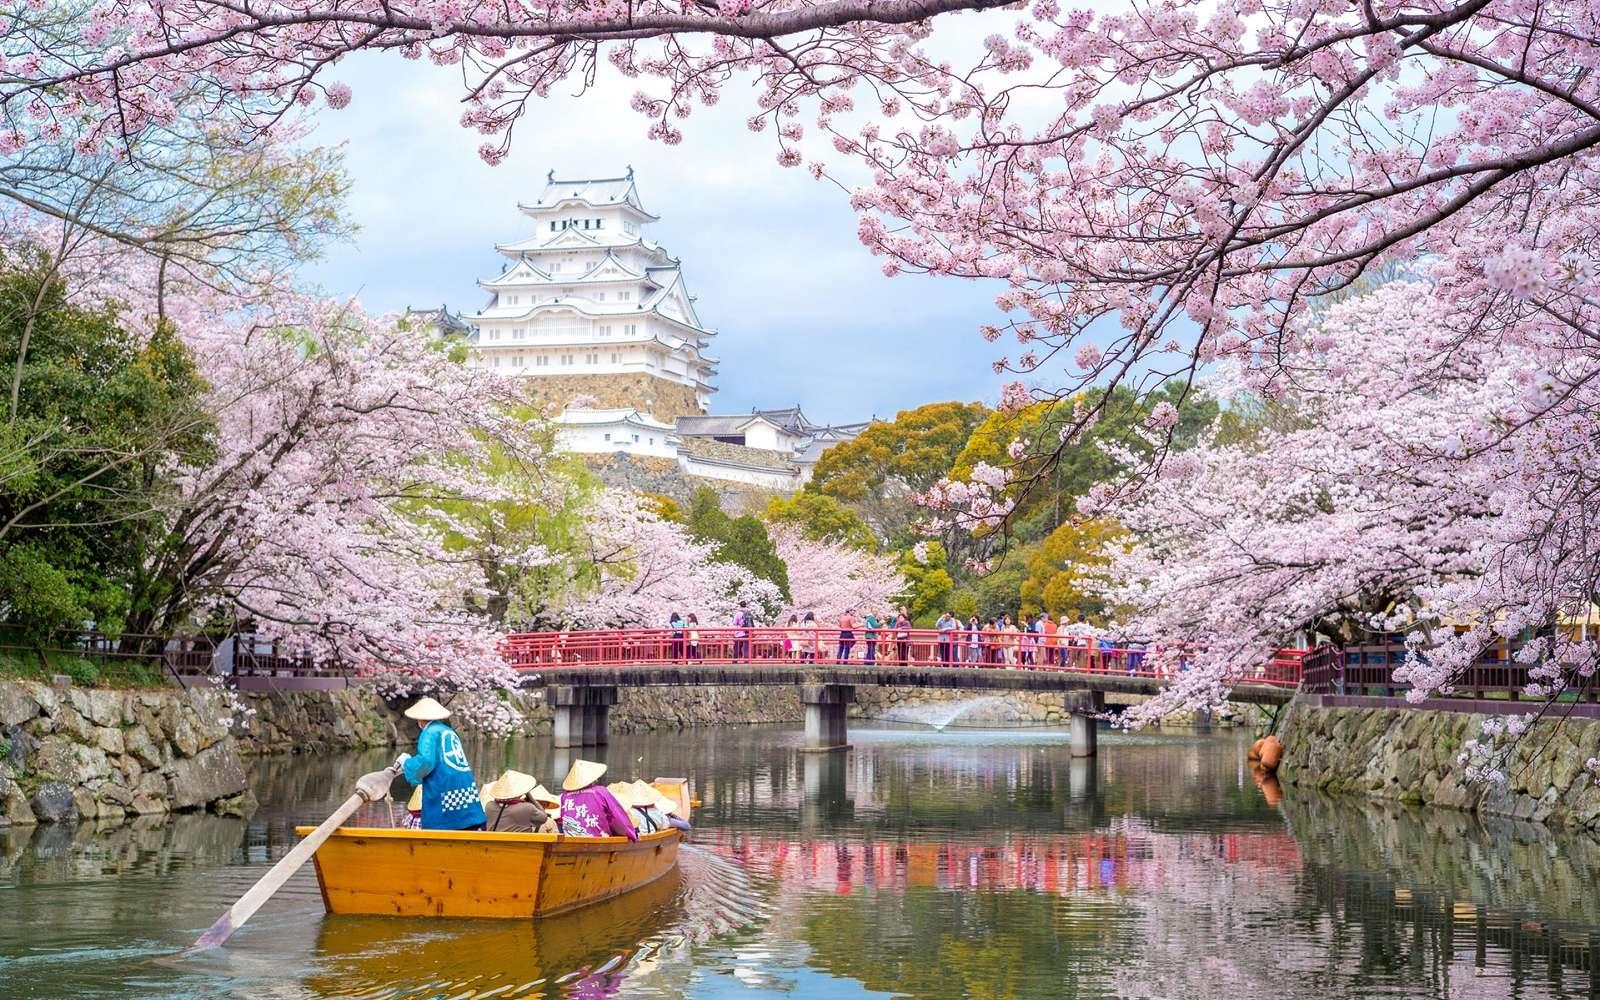 C'est exceptionnel : des cerisiers ont fleuri au Japon en ce début d'automne. La floraison se produit normalement au printemps. © Richie Chan/ISotck.com